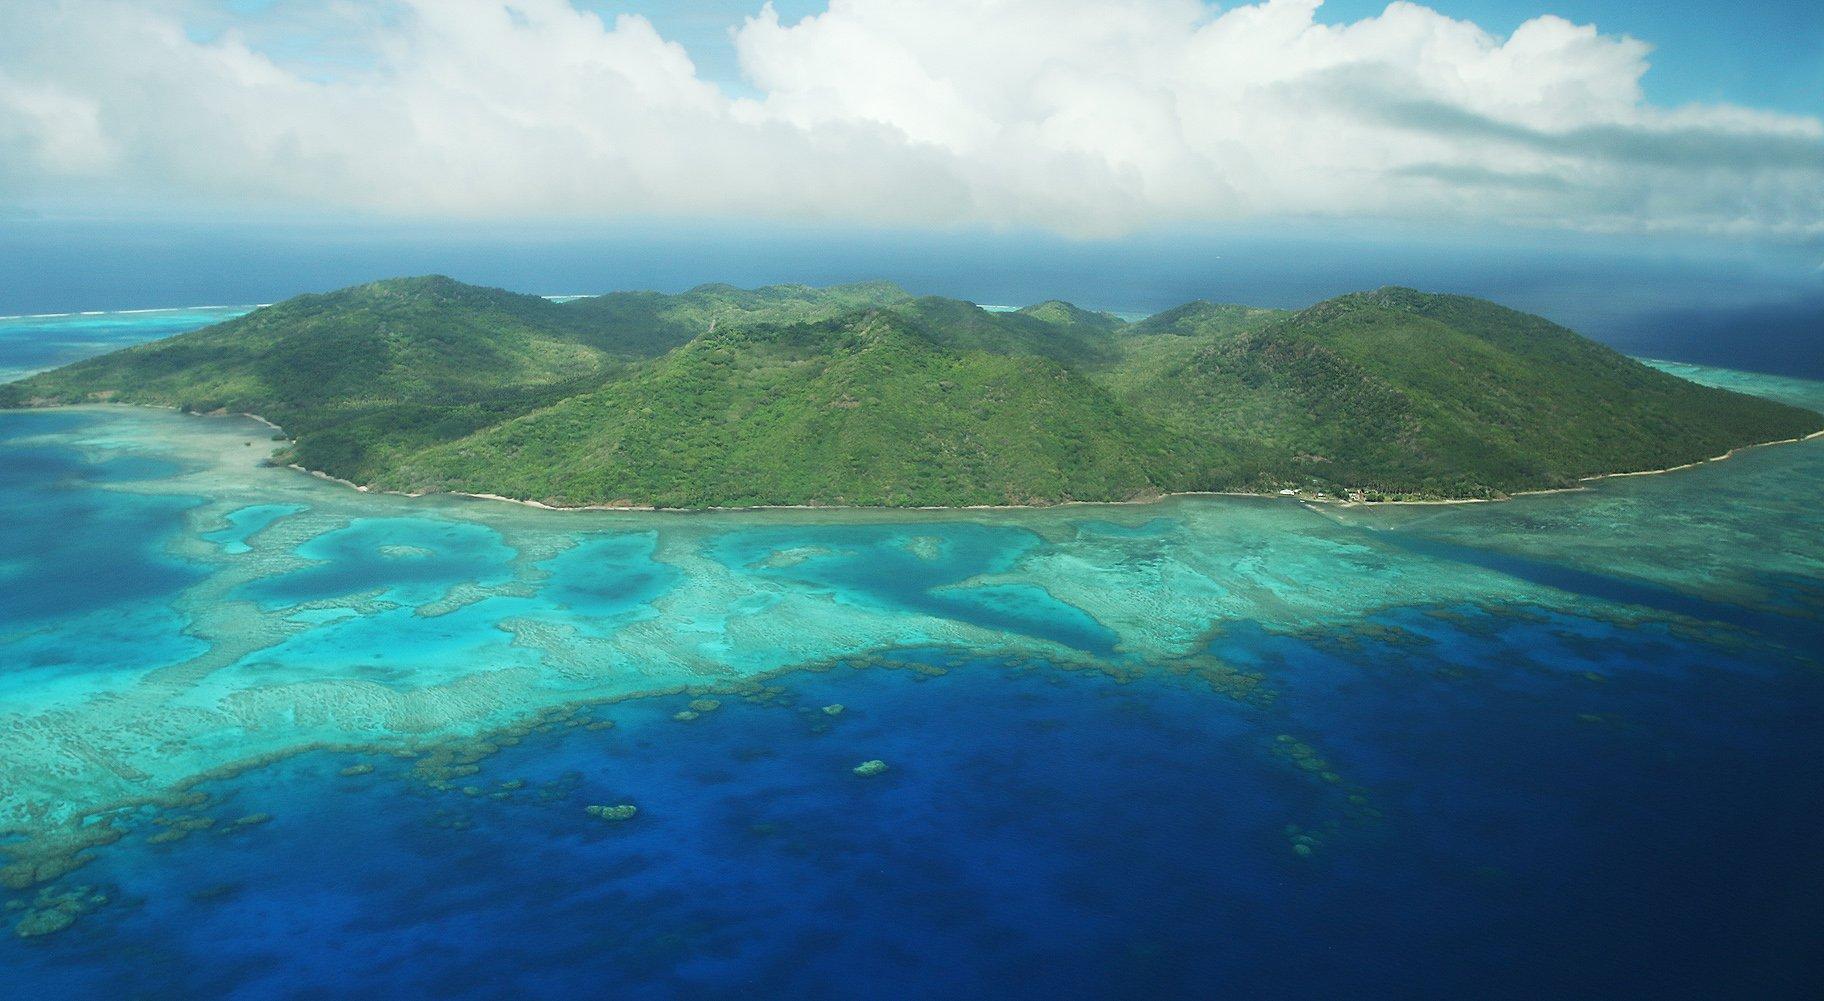 фото остров као в тихом океане самом деле